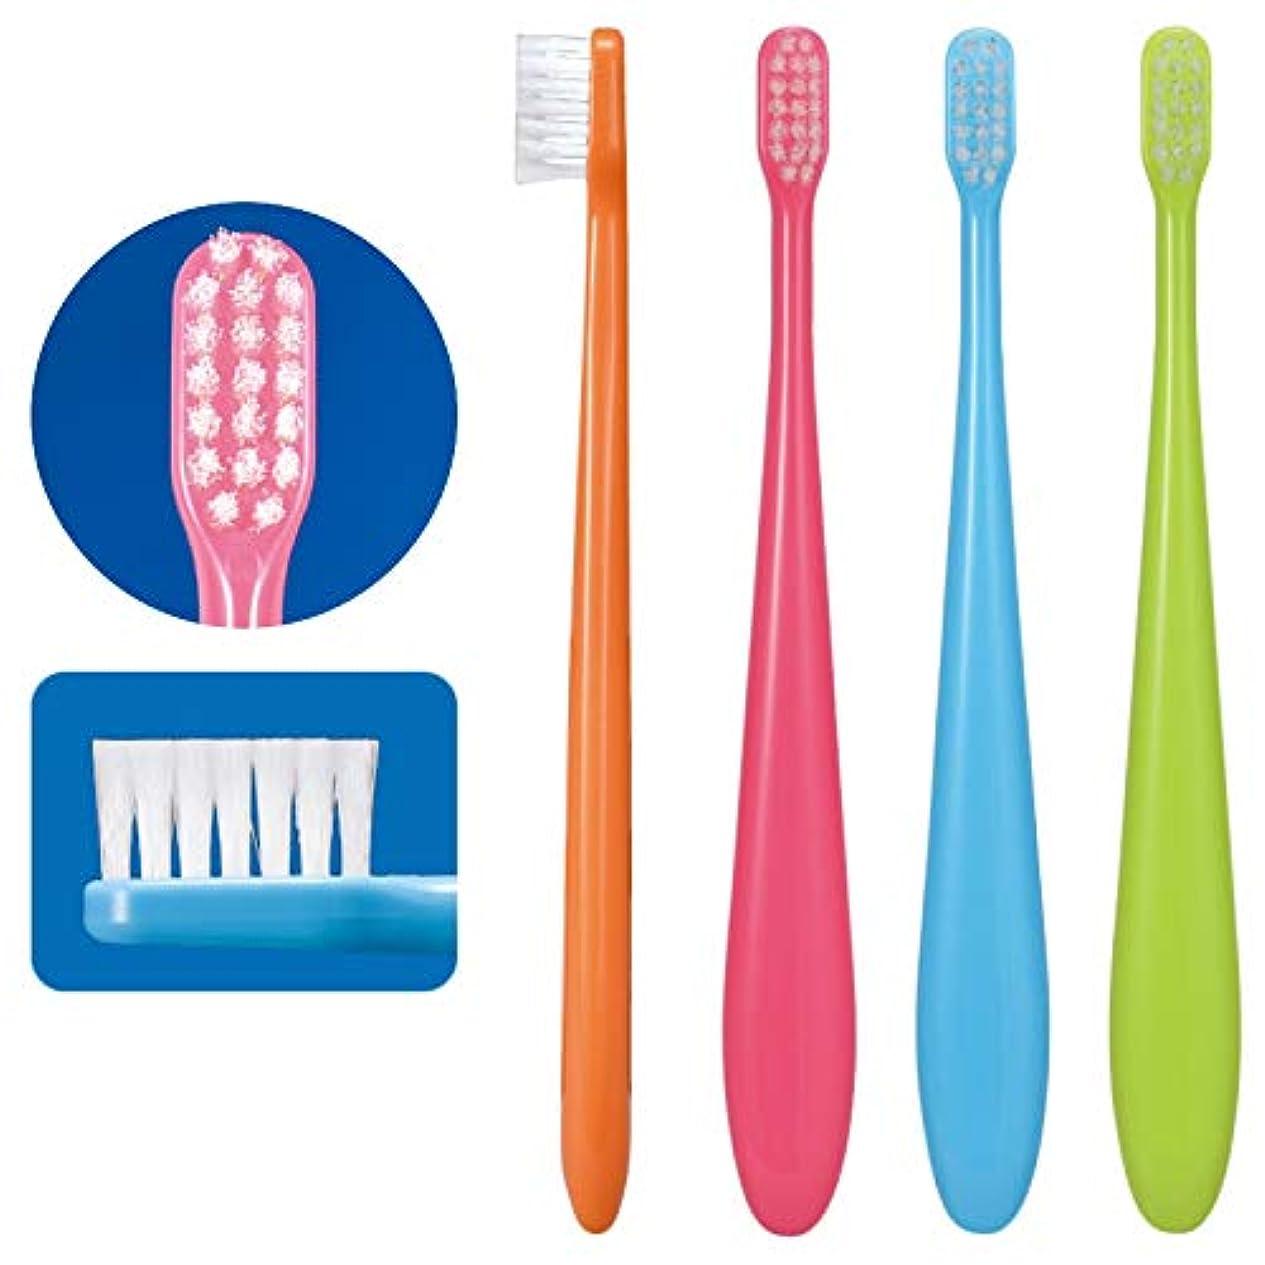 役職第二にはねかけるCi ミニ歯ブラシ ミディミルキー 20本 M(ふつう) 歯科専売品 日本製